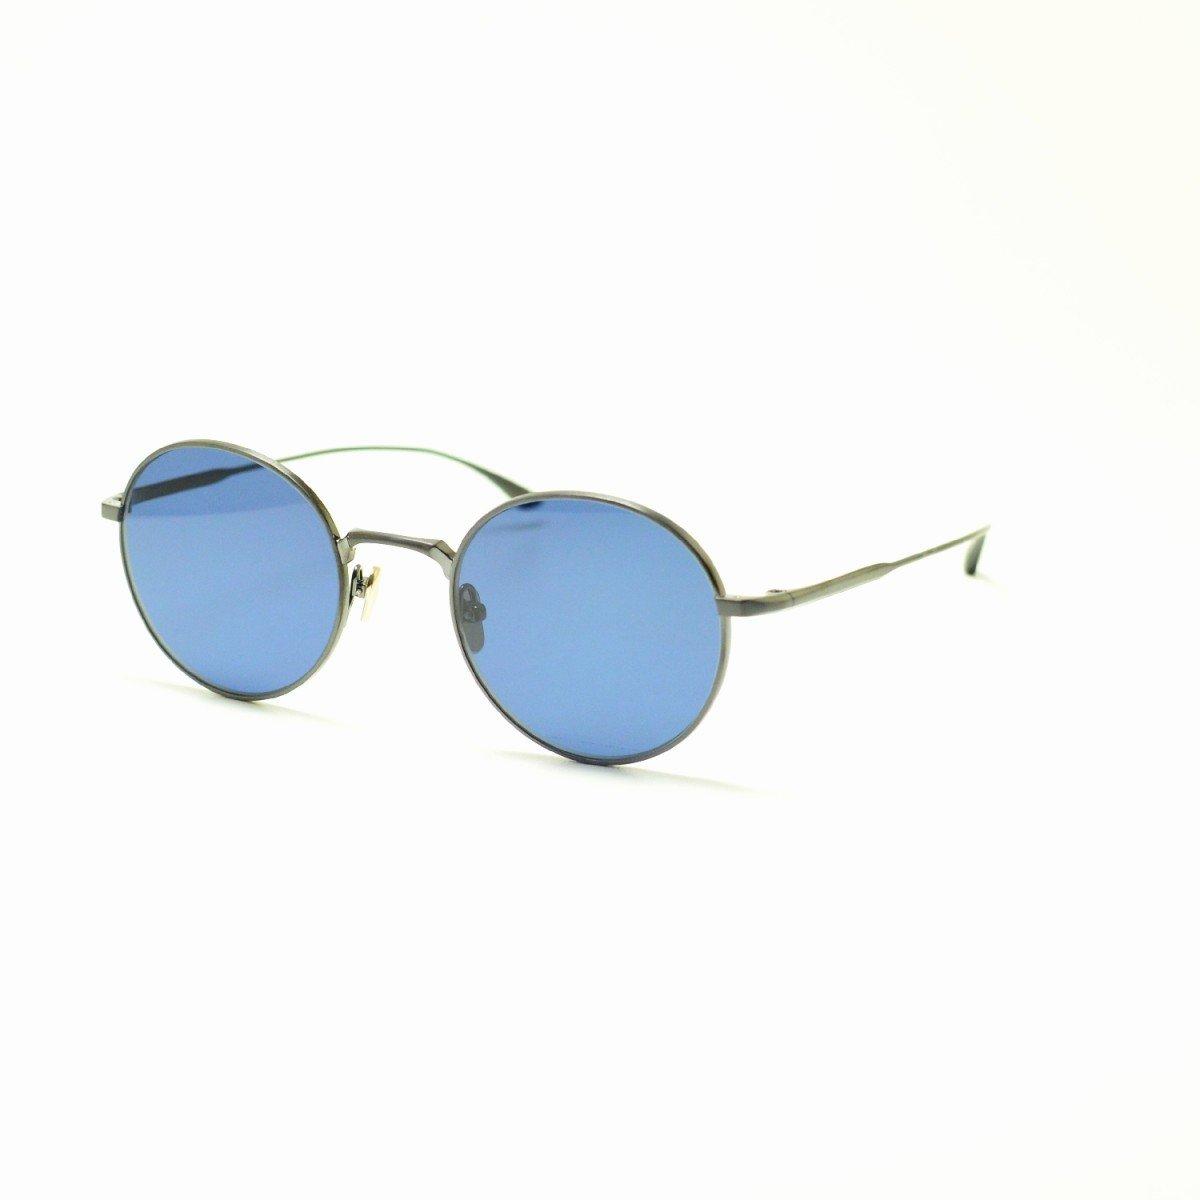 MASUNAGA マスナガ Since1905 WRIGHT COL-S29 メガネ 眼鏡 めがね メンズ レディース おしゃれ ブランド 人気 フレーム 流行り レンズ B07F5H7D7B